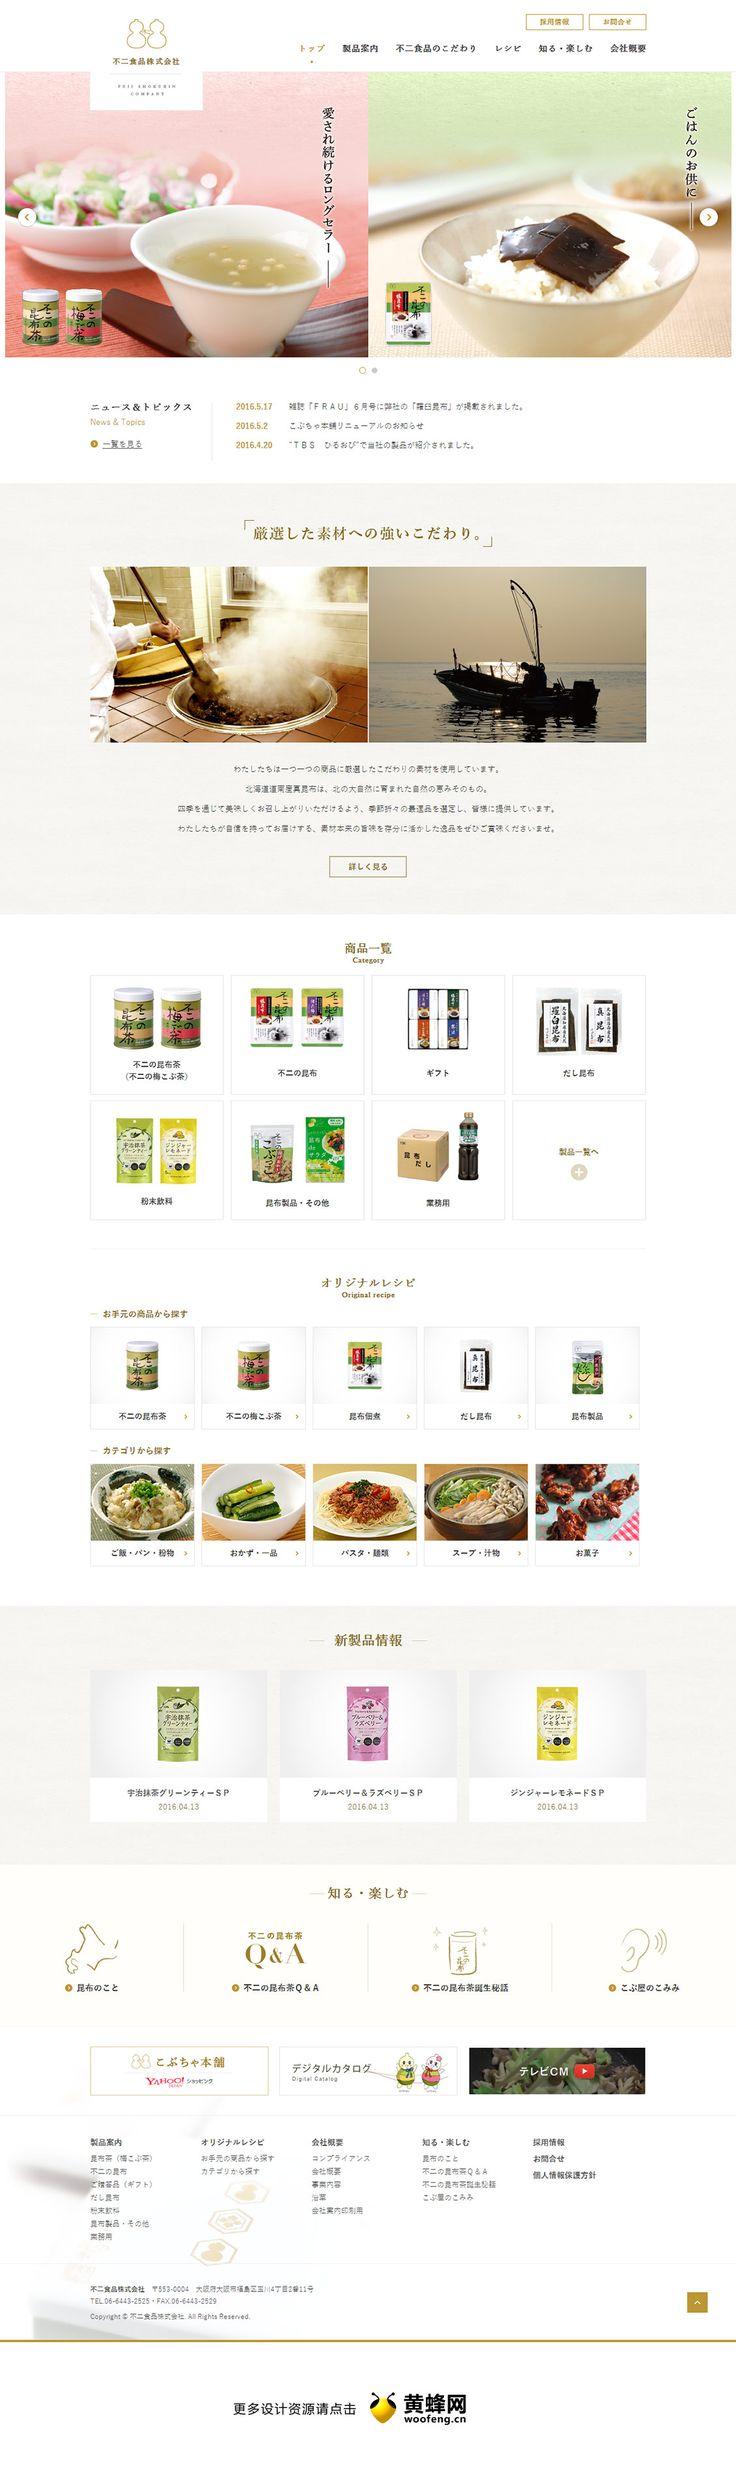 不二食品株式会社企业网站,来源自黄蜂网http://woofeng.cn/